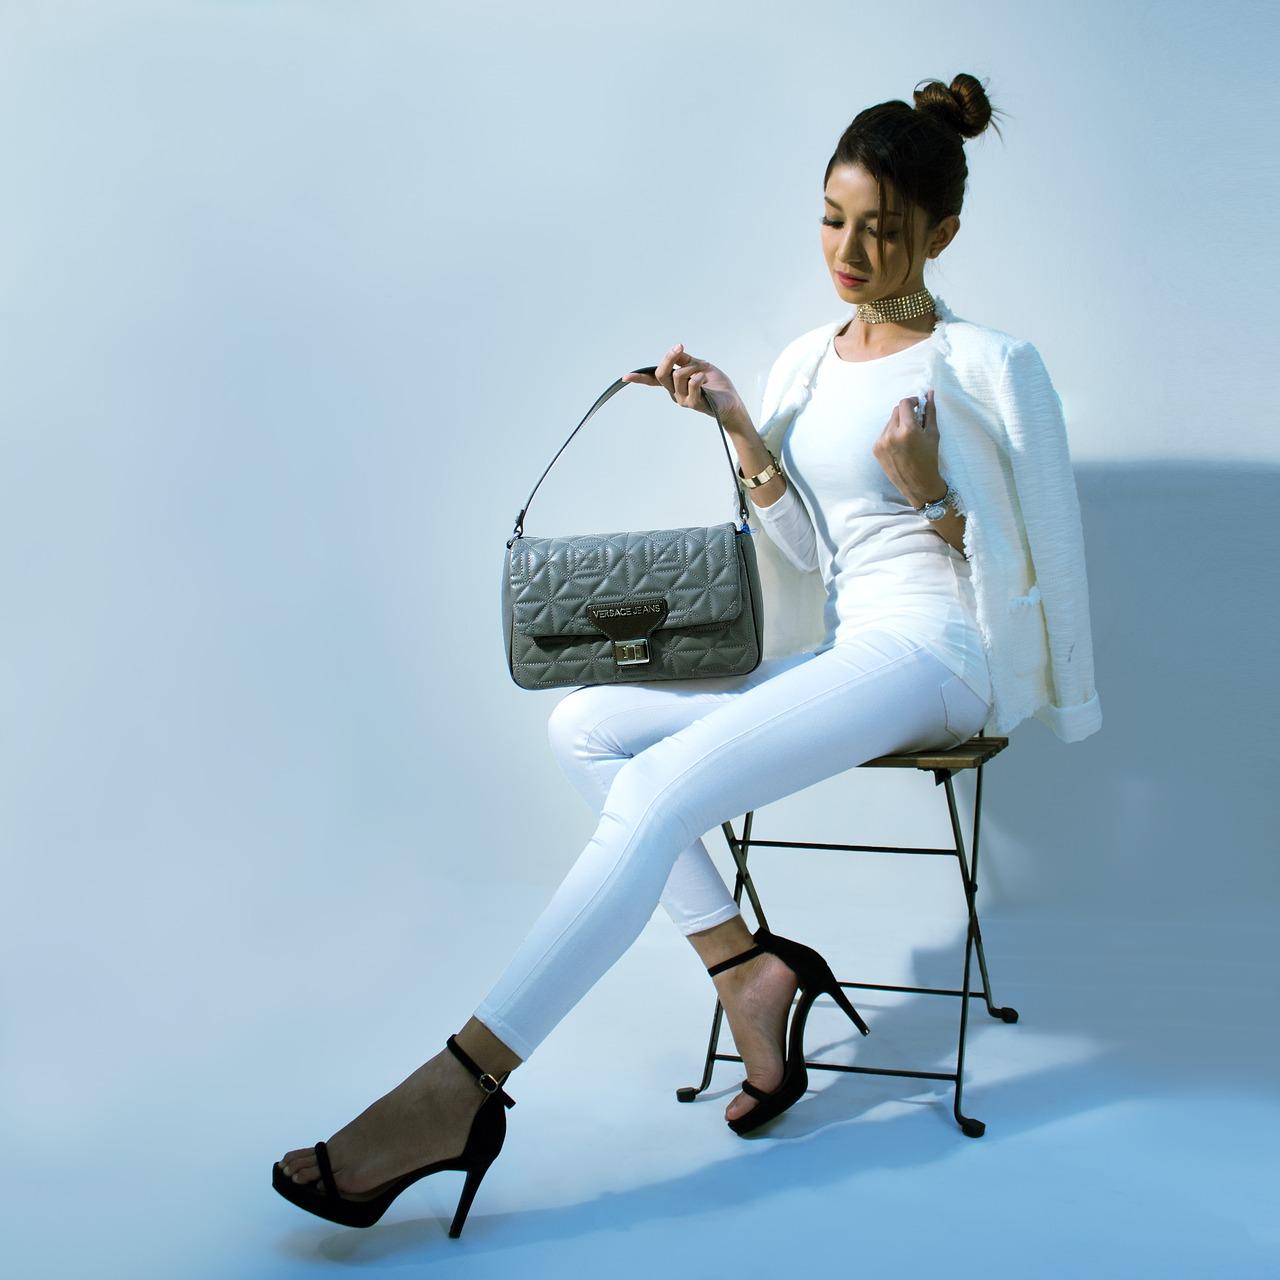 handbags-2251086_1280 (1)